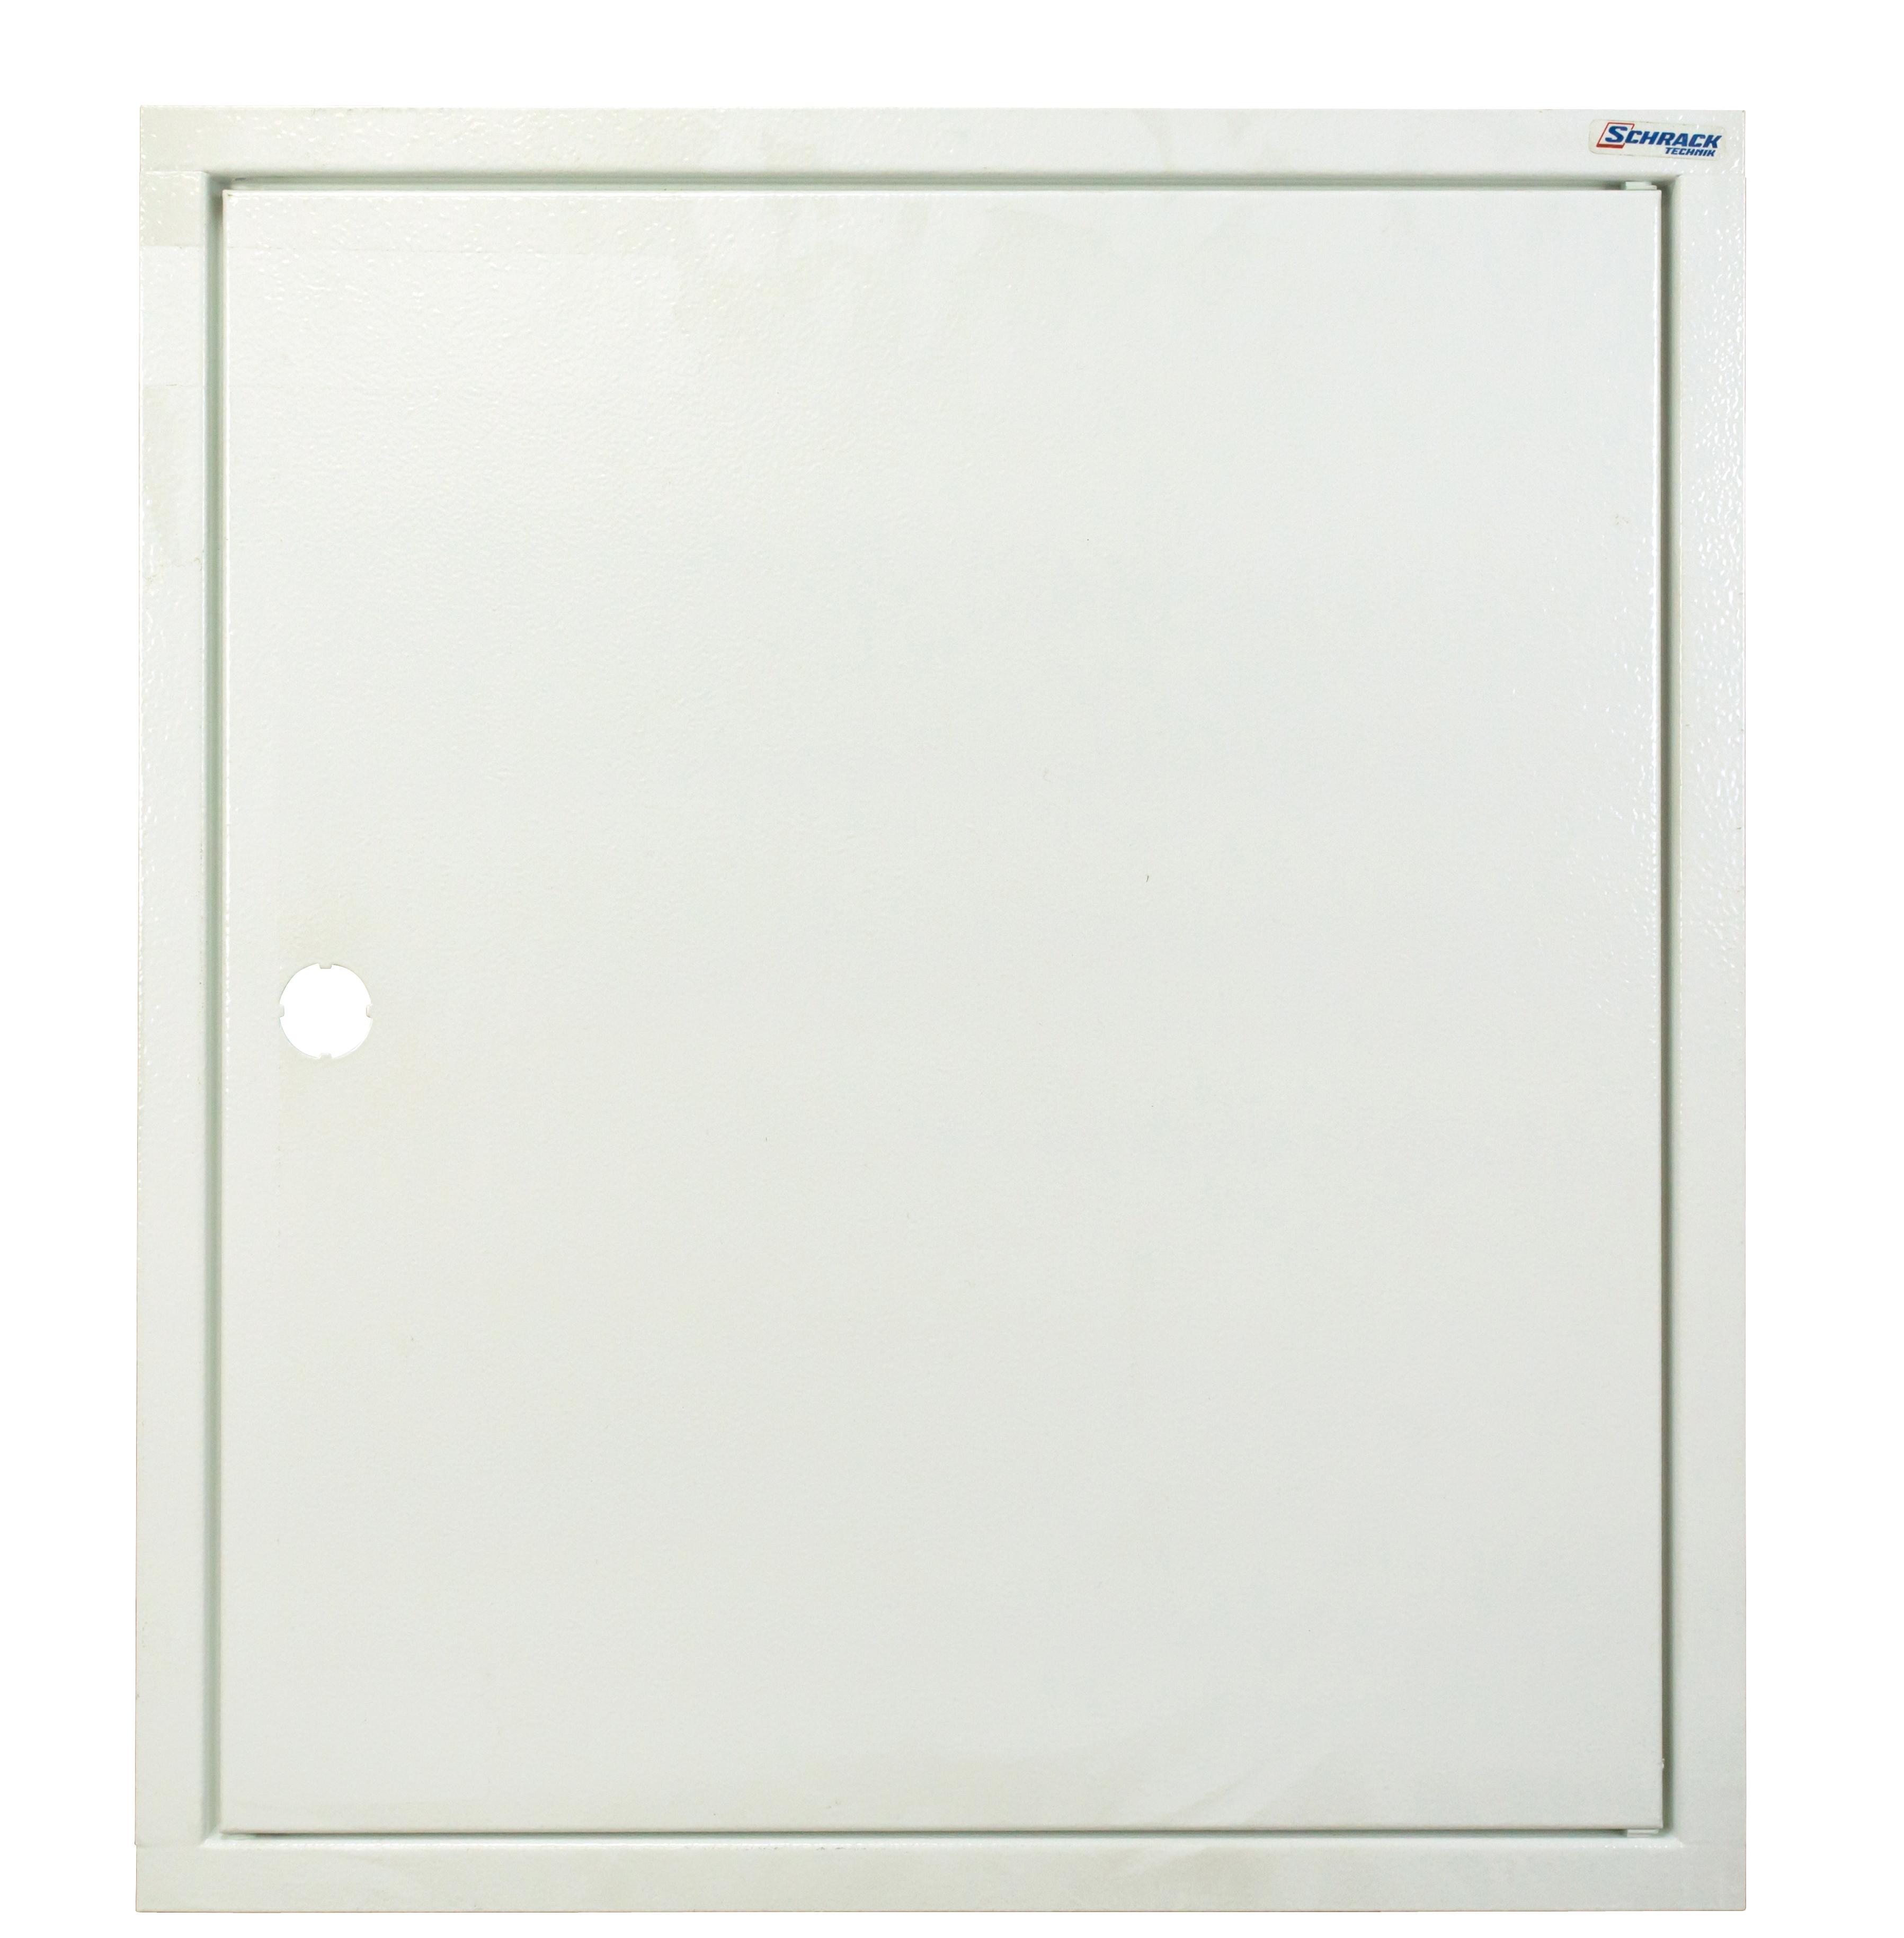 1 Stk Unterputz-Rahmen mit Türe 3U-18 flach, H915B810T100mm IL012318-F